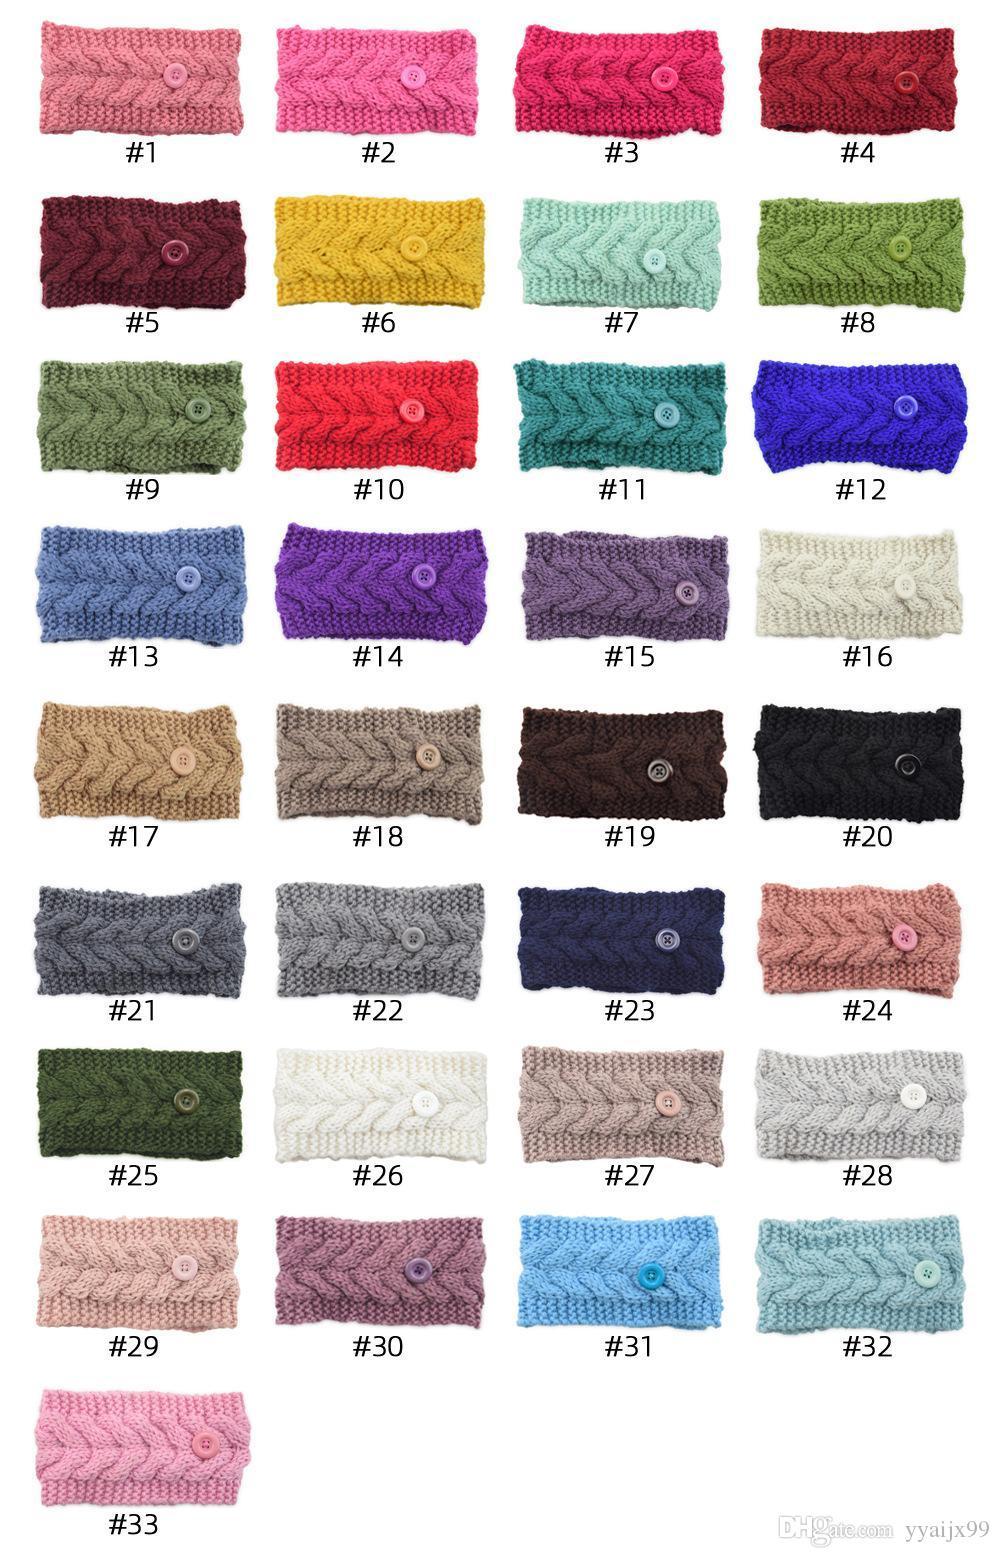 Femmes Twist Bandeau Pour Masque Laine Crochet Knit Hairband hiver Oreille plus chaudes filles Headwrap Accessoires cheveux avec Bouton